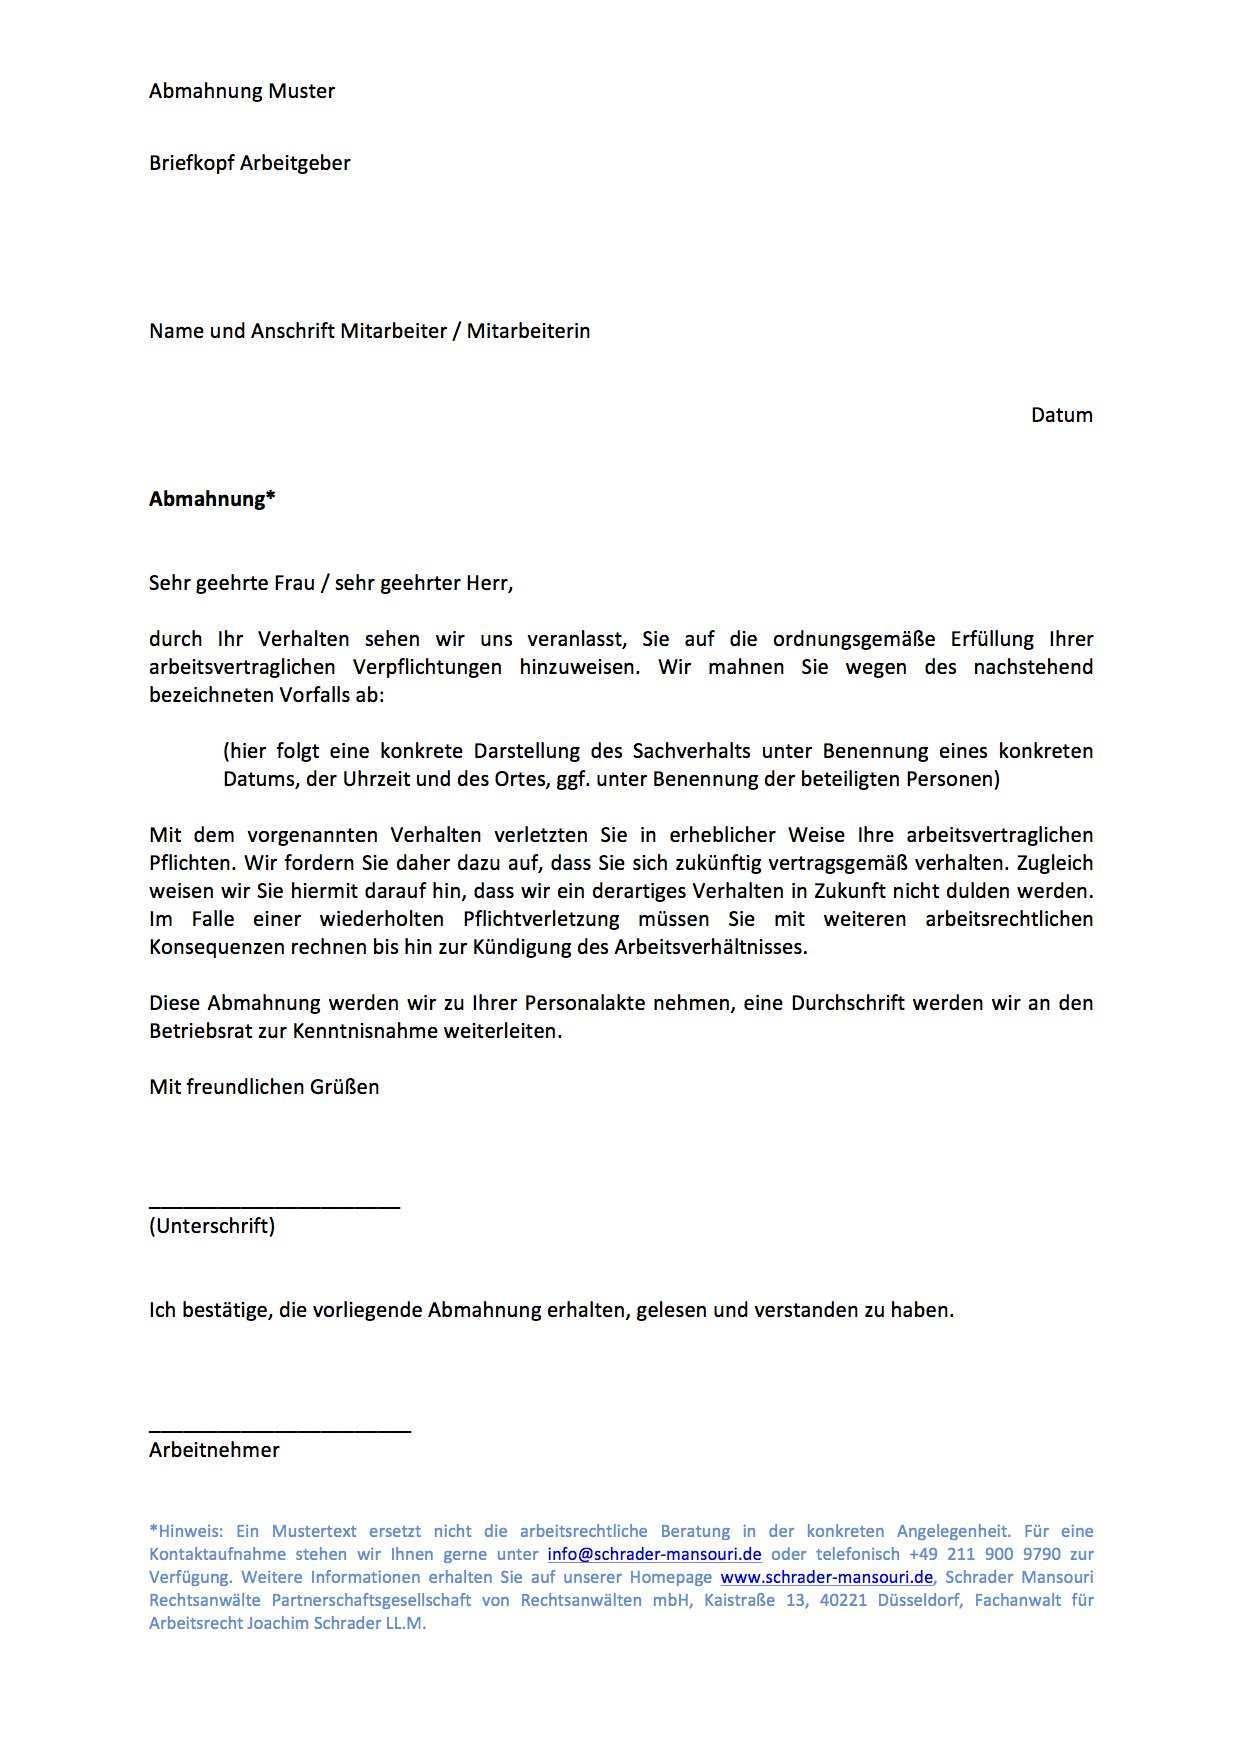 Download Abmahnung Muster Vorlage Schrader Mansouri Rechtsanwalte Mbb